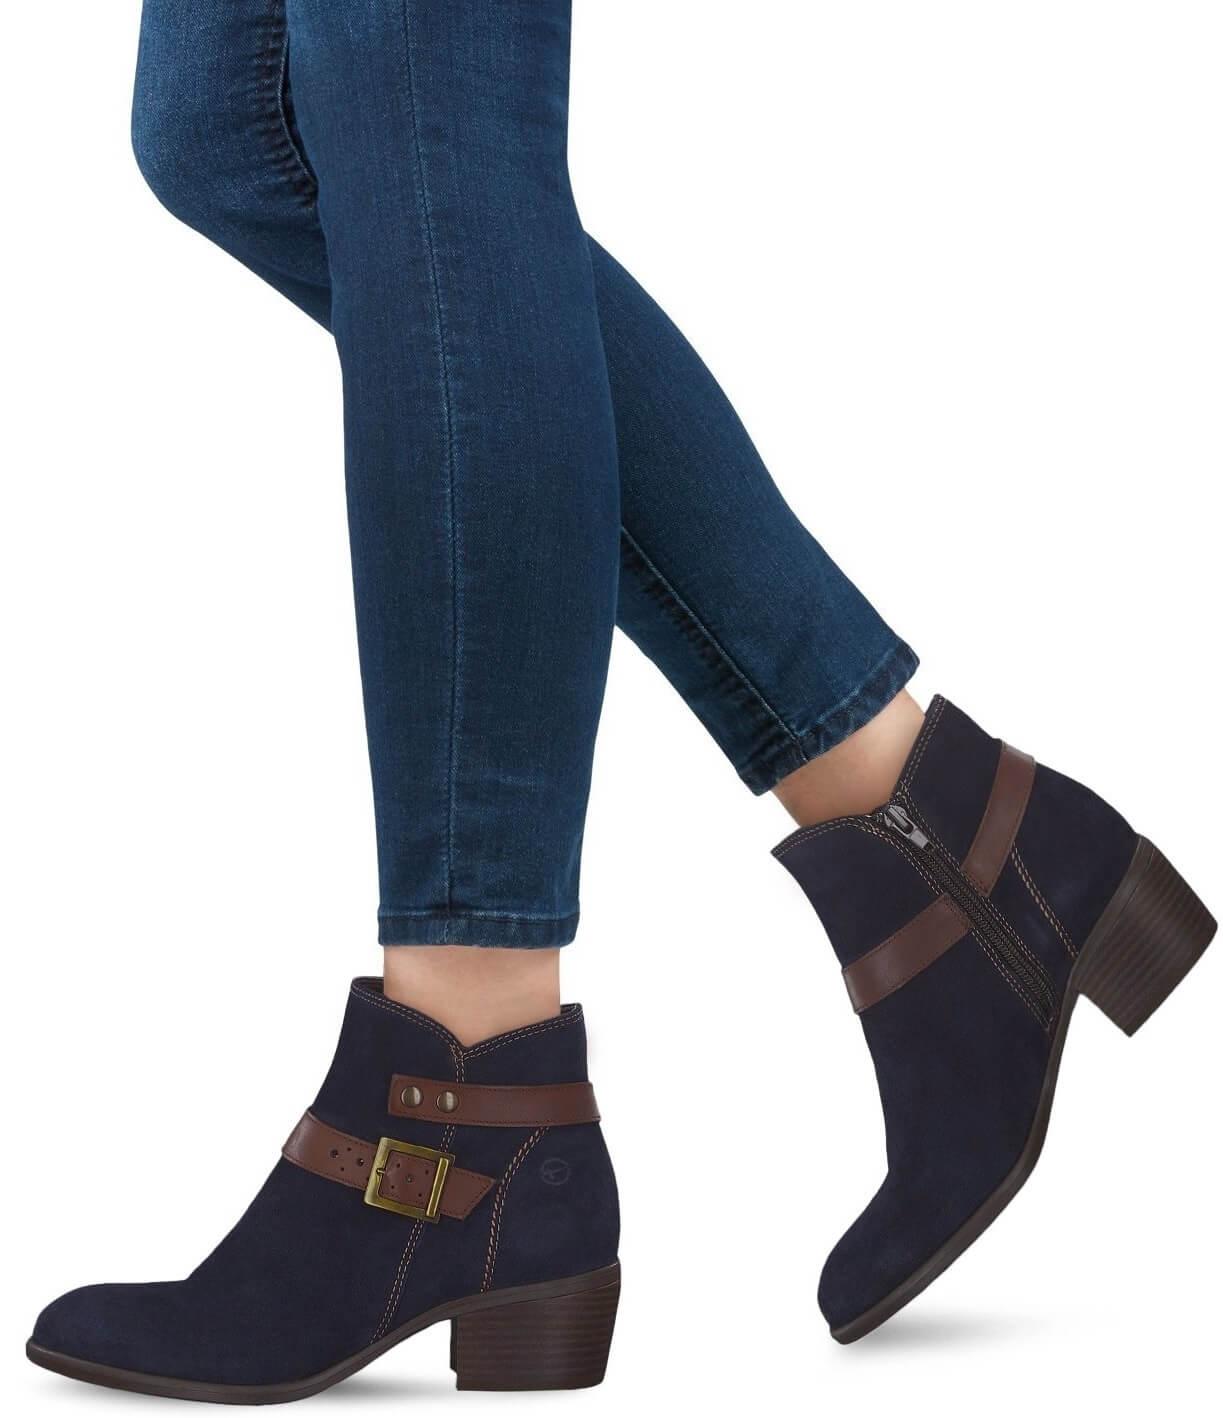 Tamaris Elegantní dámské kotníkové boty 1-1-25010-21-833 Navy  V akci.  Předchozí  Další   131997d45f